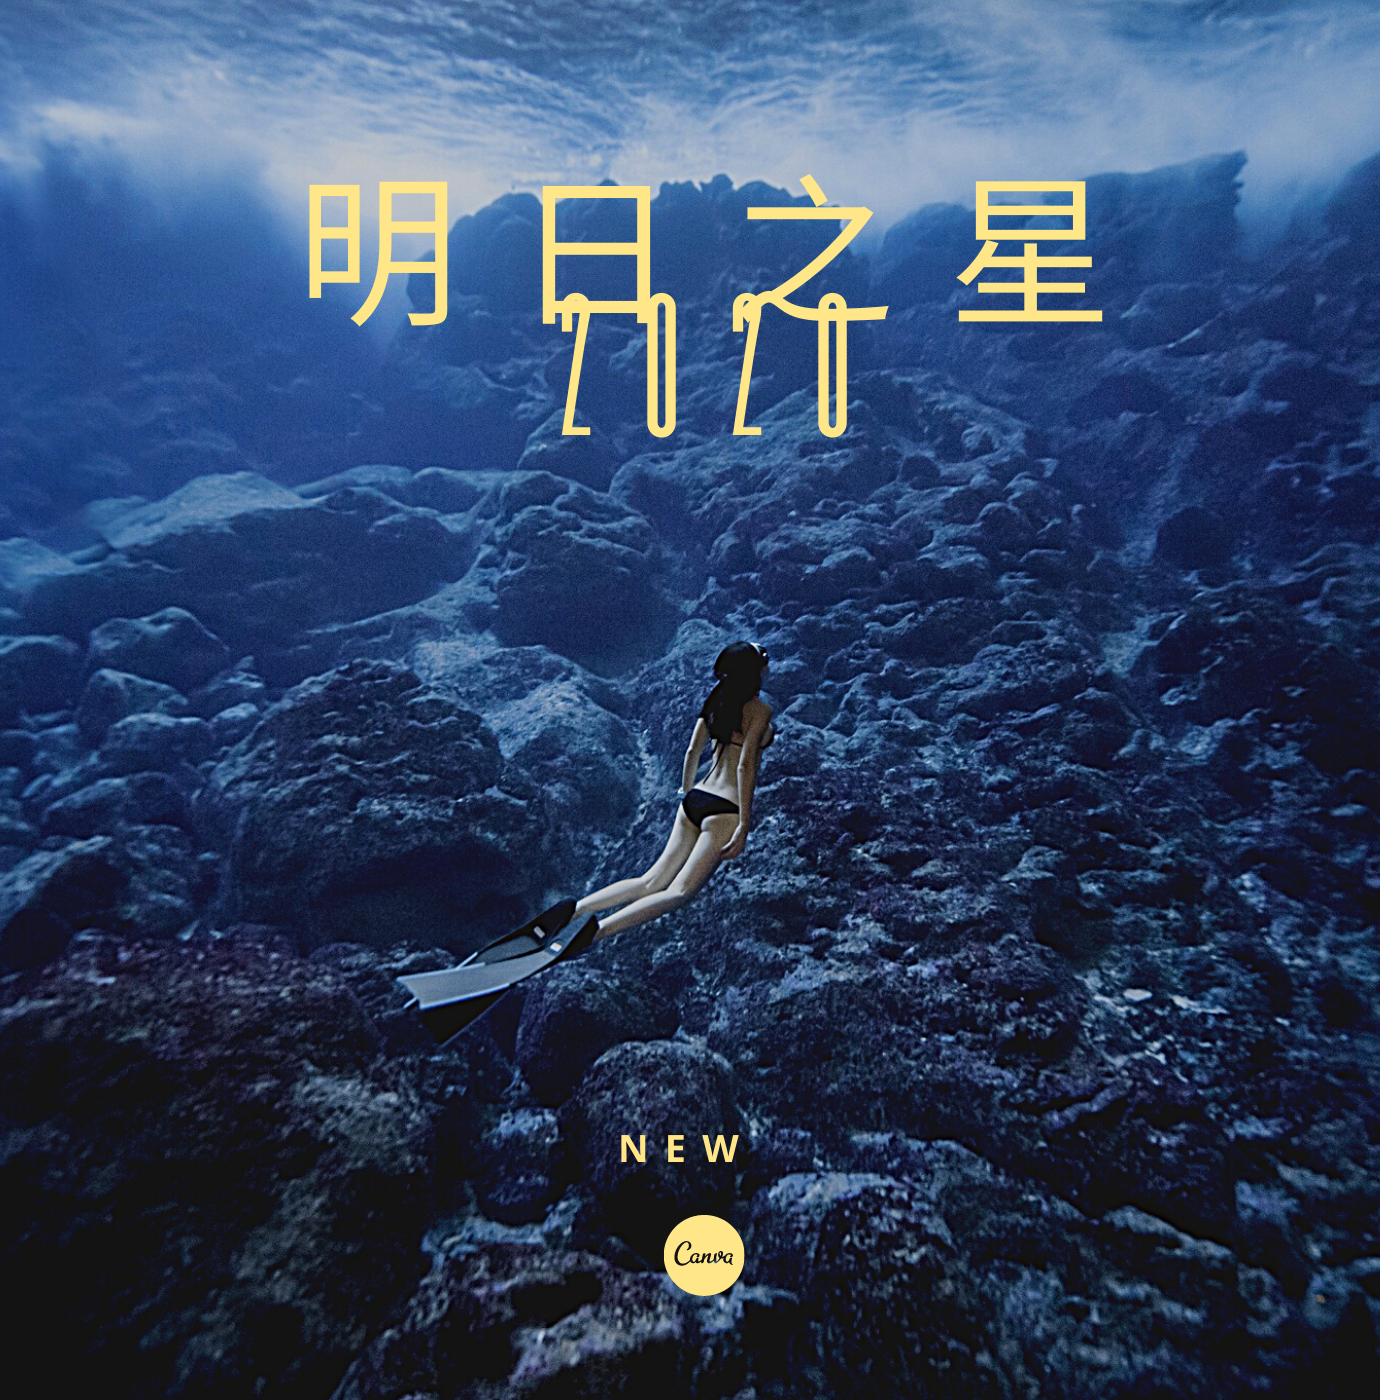 明日之星-吴艳芳